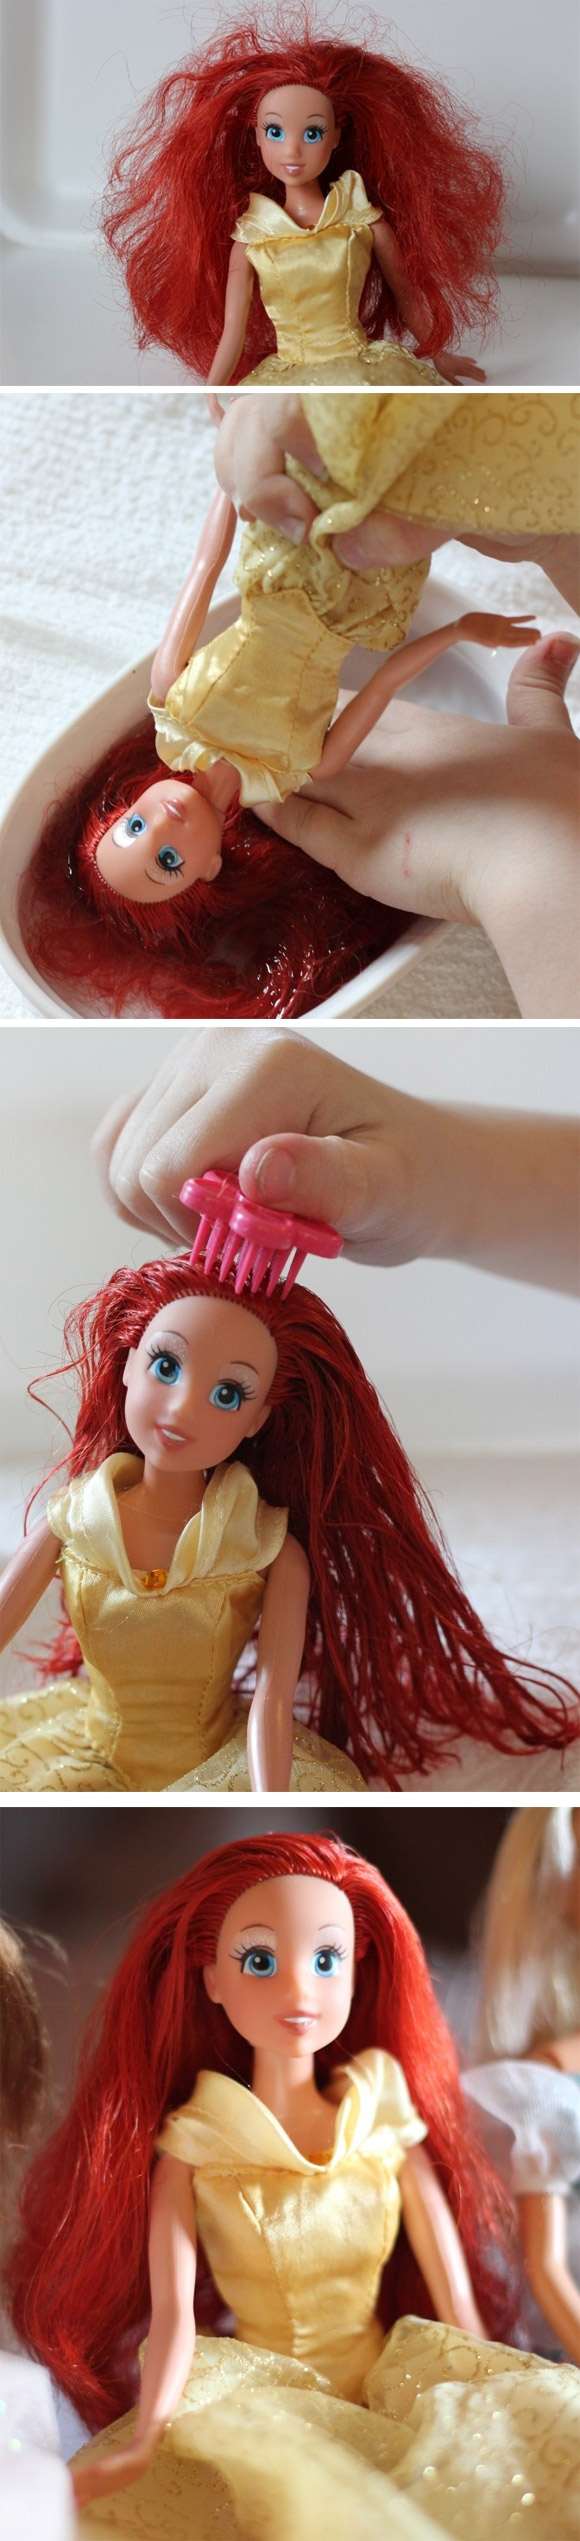 Sistemare i capelli crespi delle barbie.